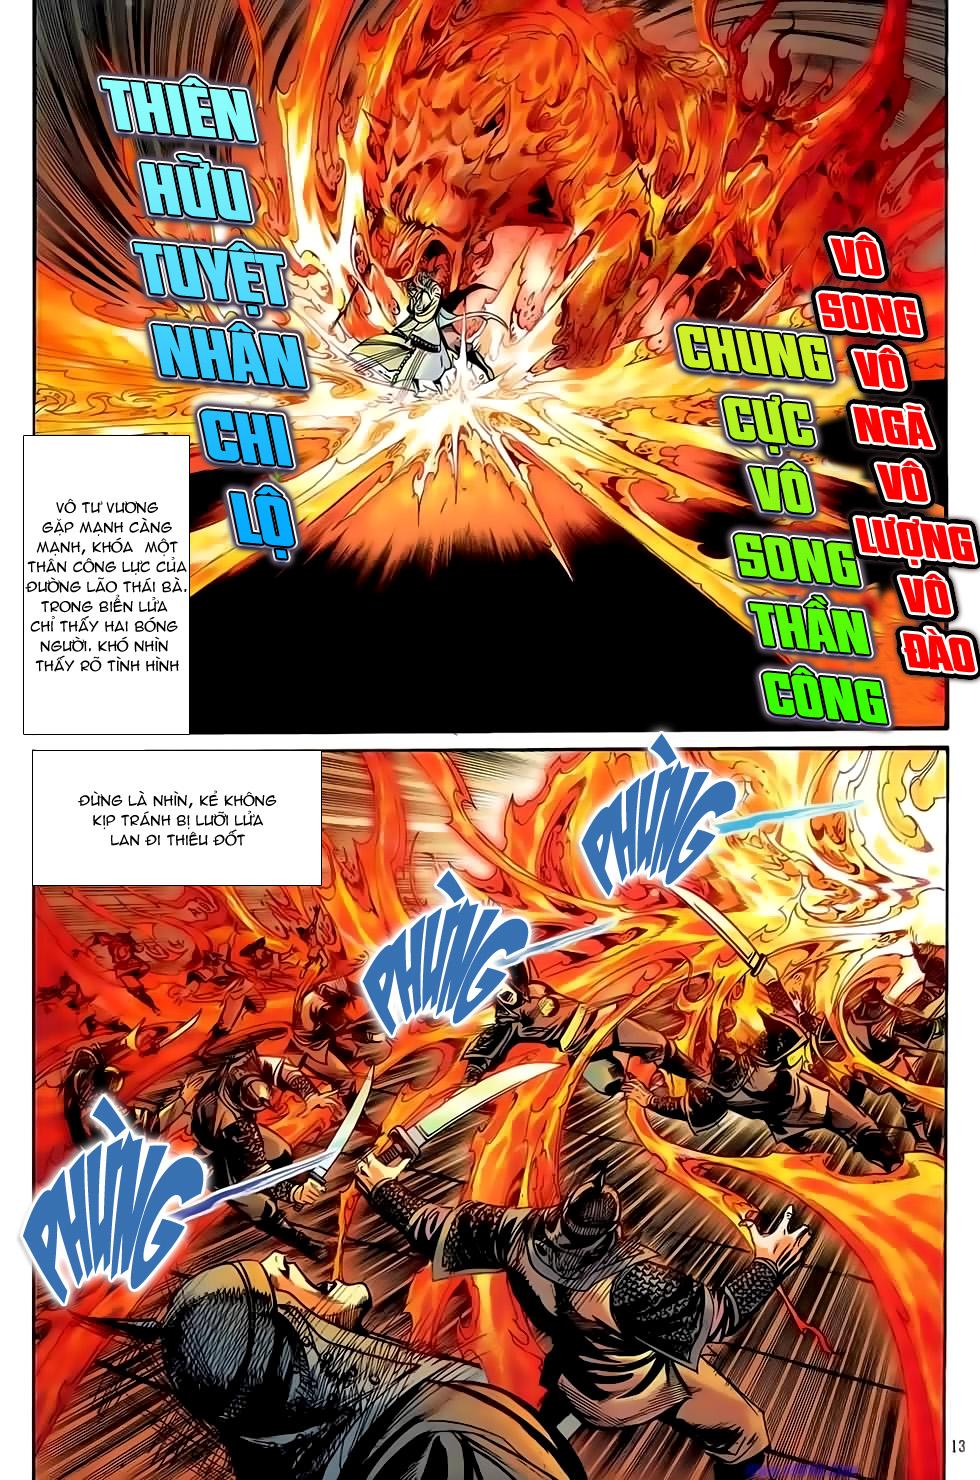 Đại Hiệp Truyền Kỳ (Thần Châu Hậu Truyện) chap 51 - Trang 12